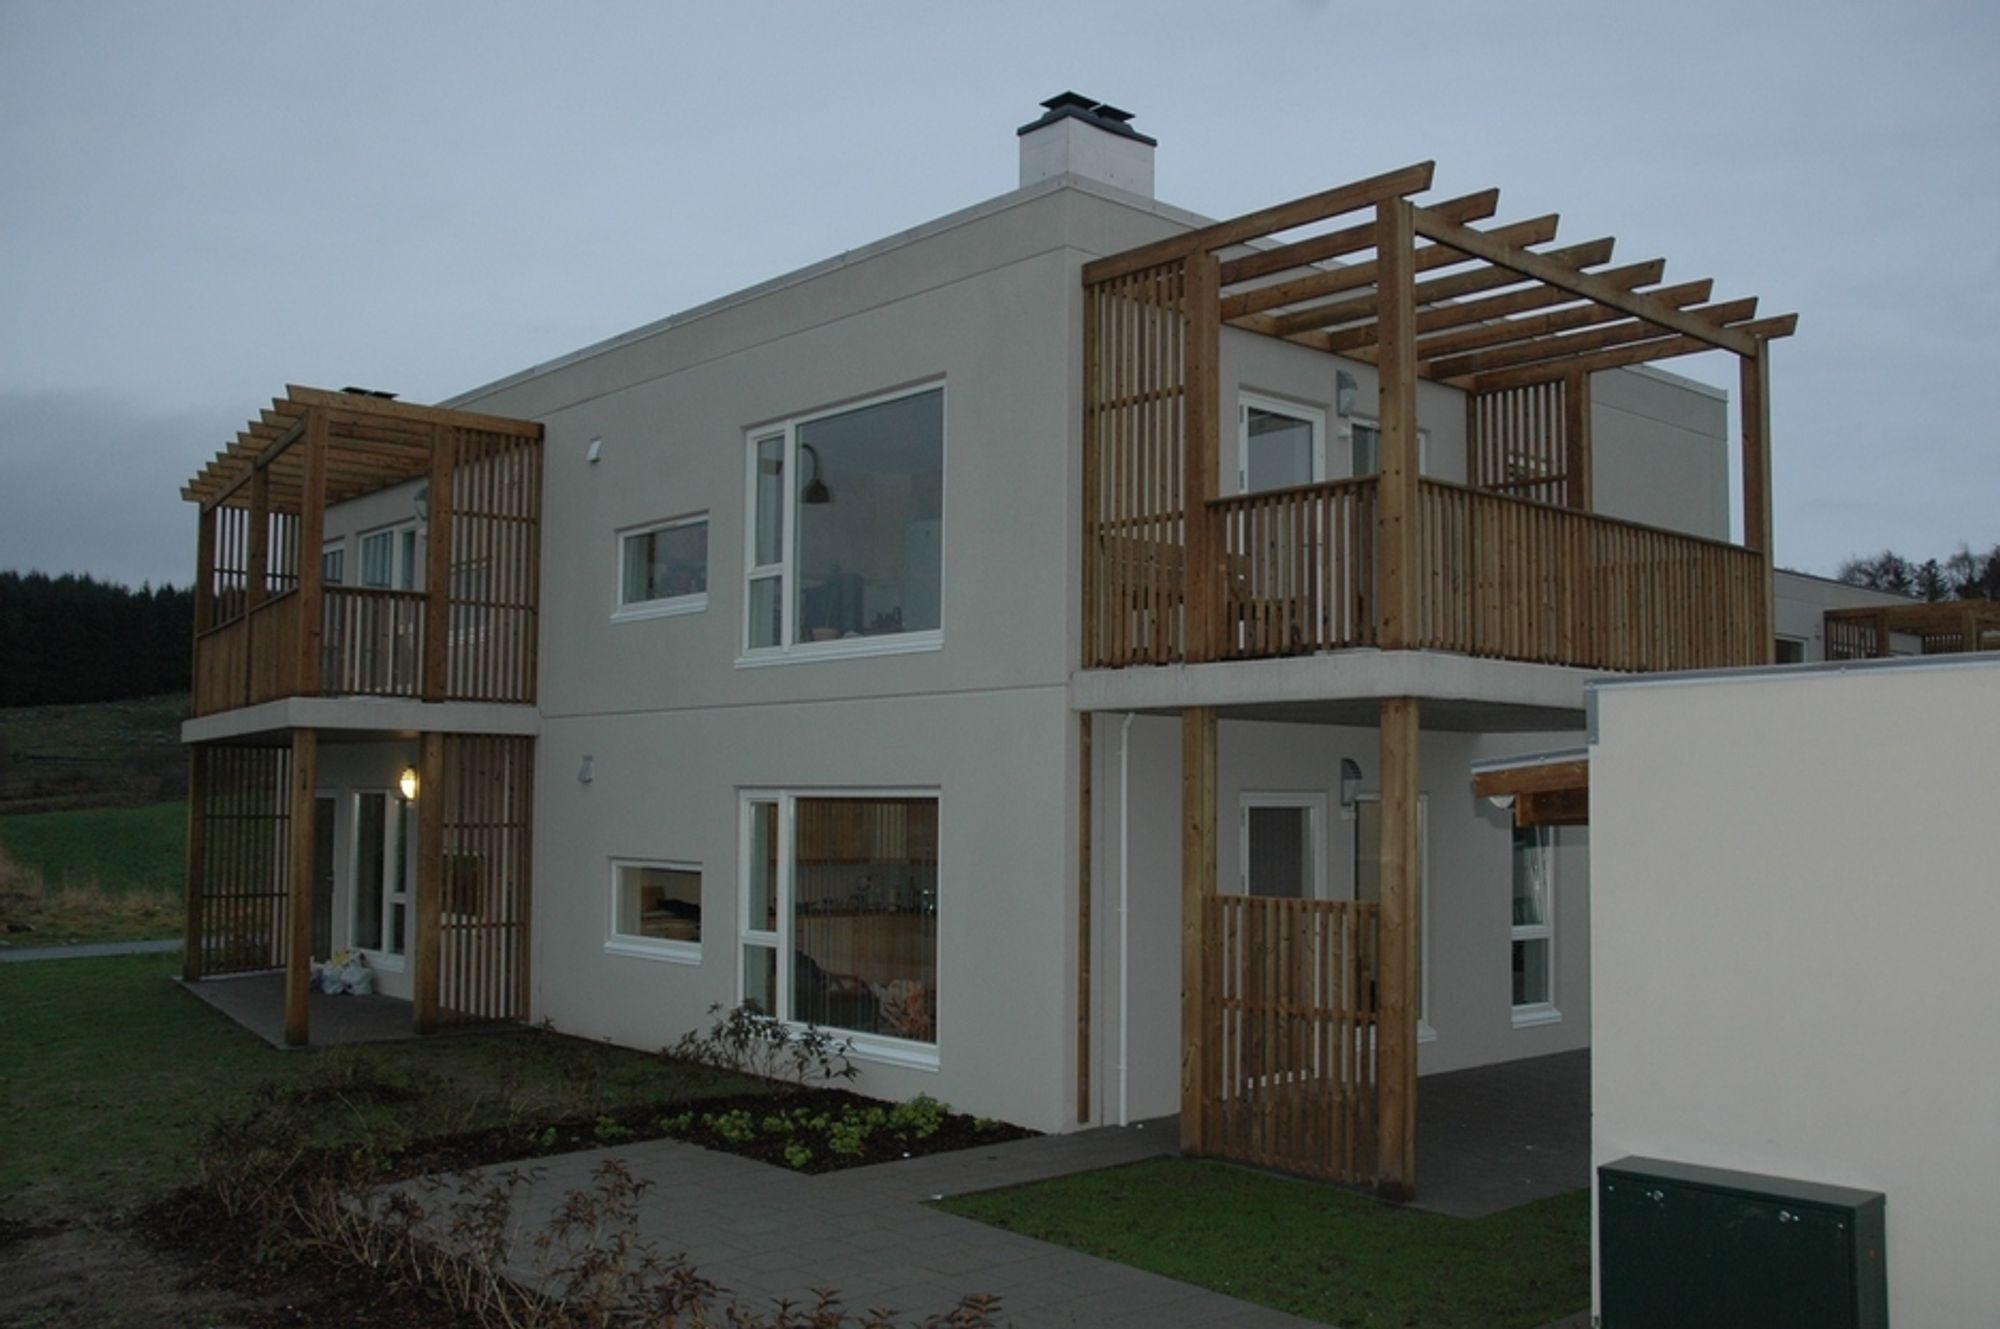 MODERAT I STAVANGER: Stavanger, Bergen og Trondheim hadde lavest prisvekst med 1,1 prosent siste kvartal. Her et småhus fra Stavanger bygget av Block Berge Bygg.